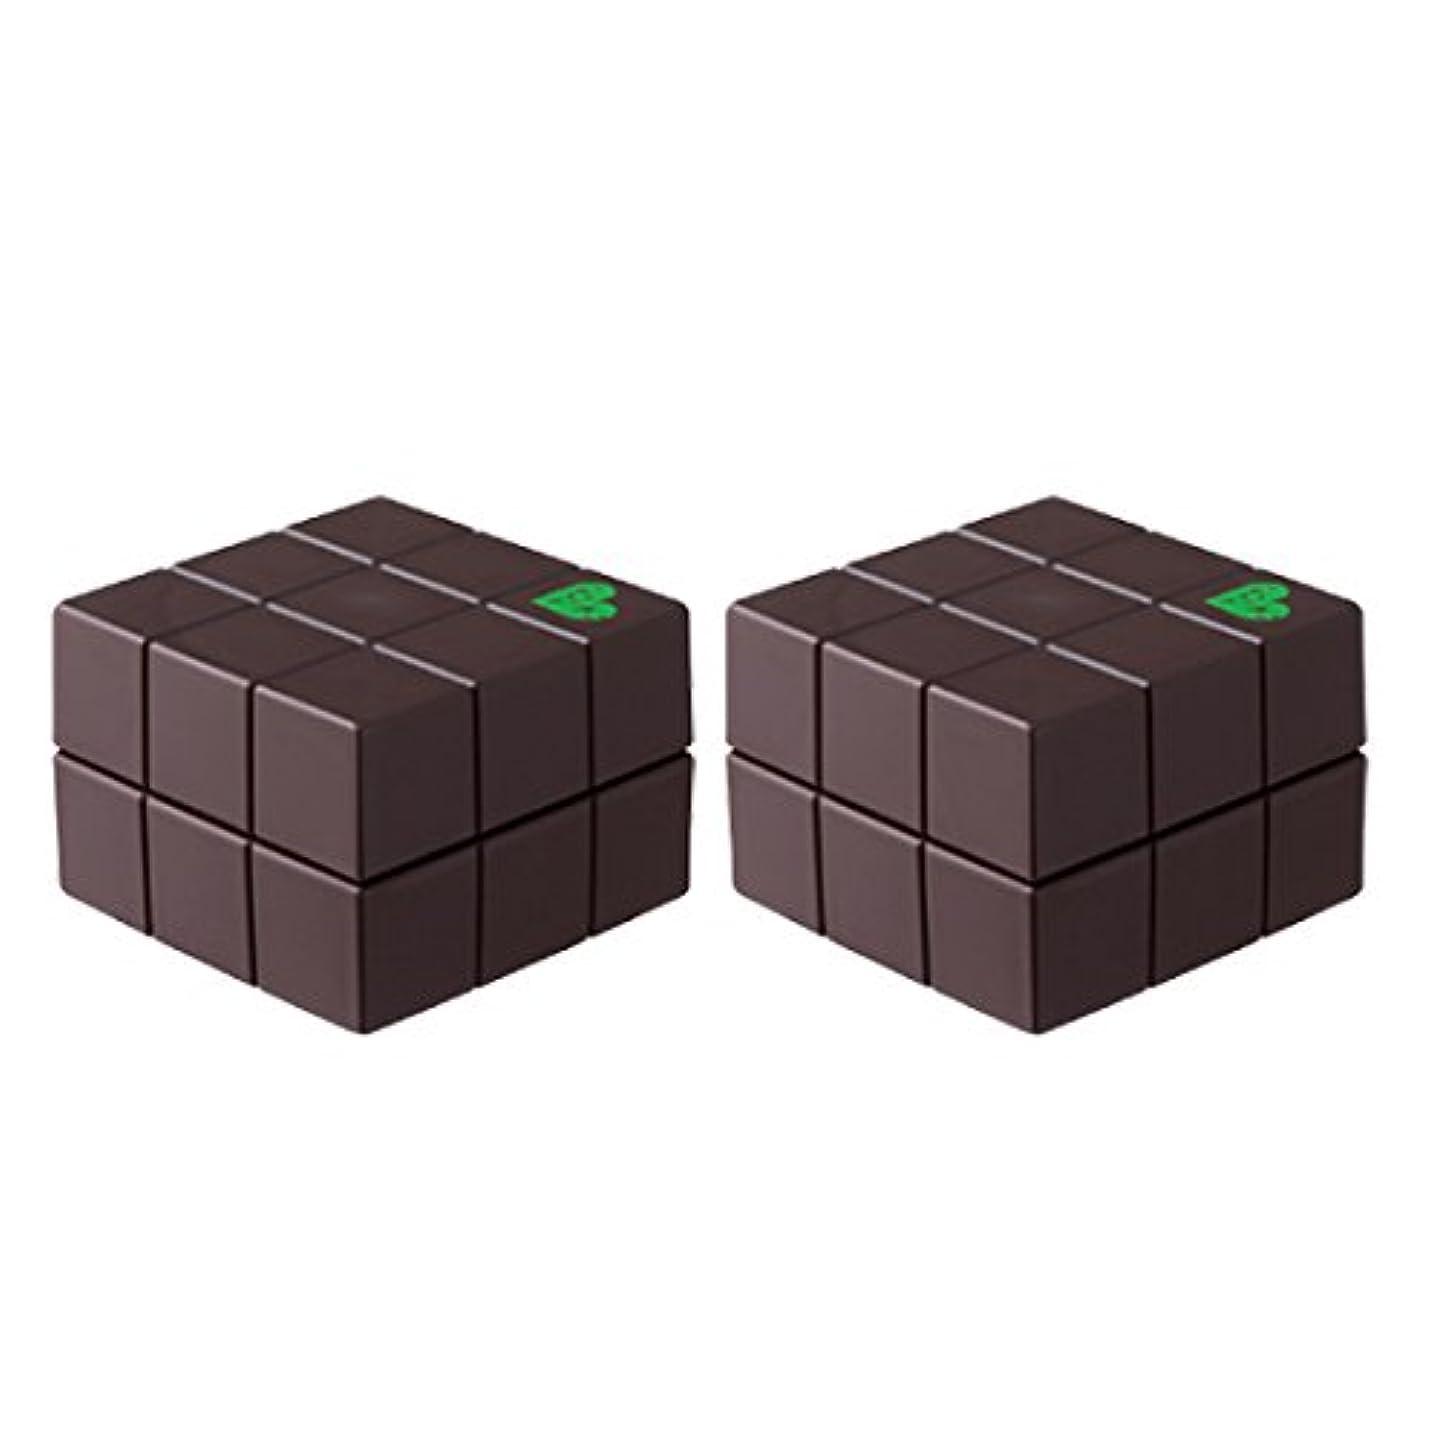 利益暗殺クリーム【x2個セット】 アリミノ ピース プロデザインシリーズ ハードワックス チョコ 40g